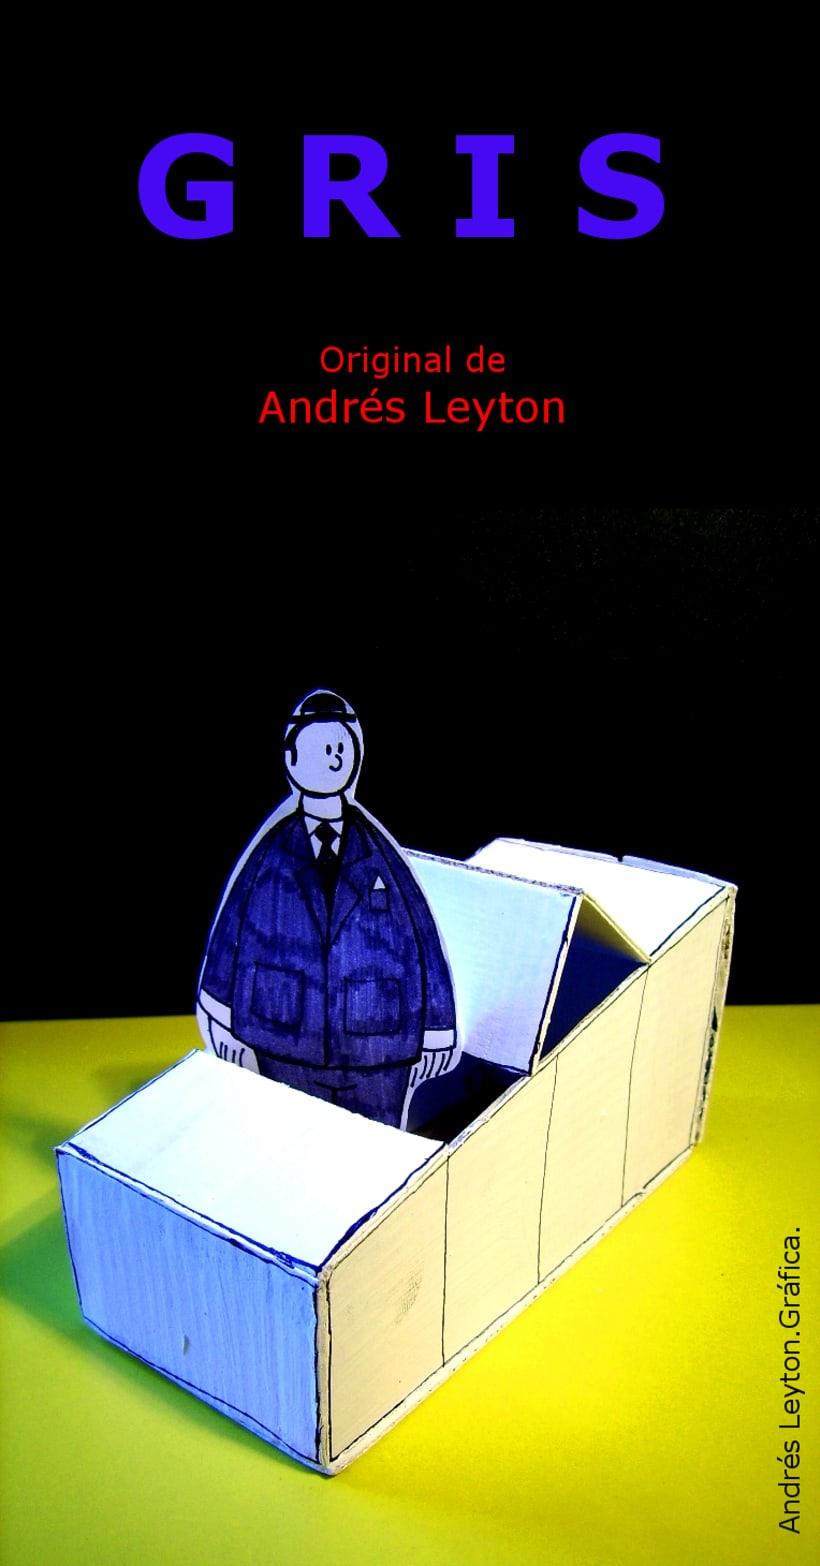 Andrés Leyton.Gráfica 2017/18 16